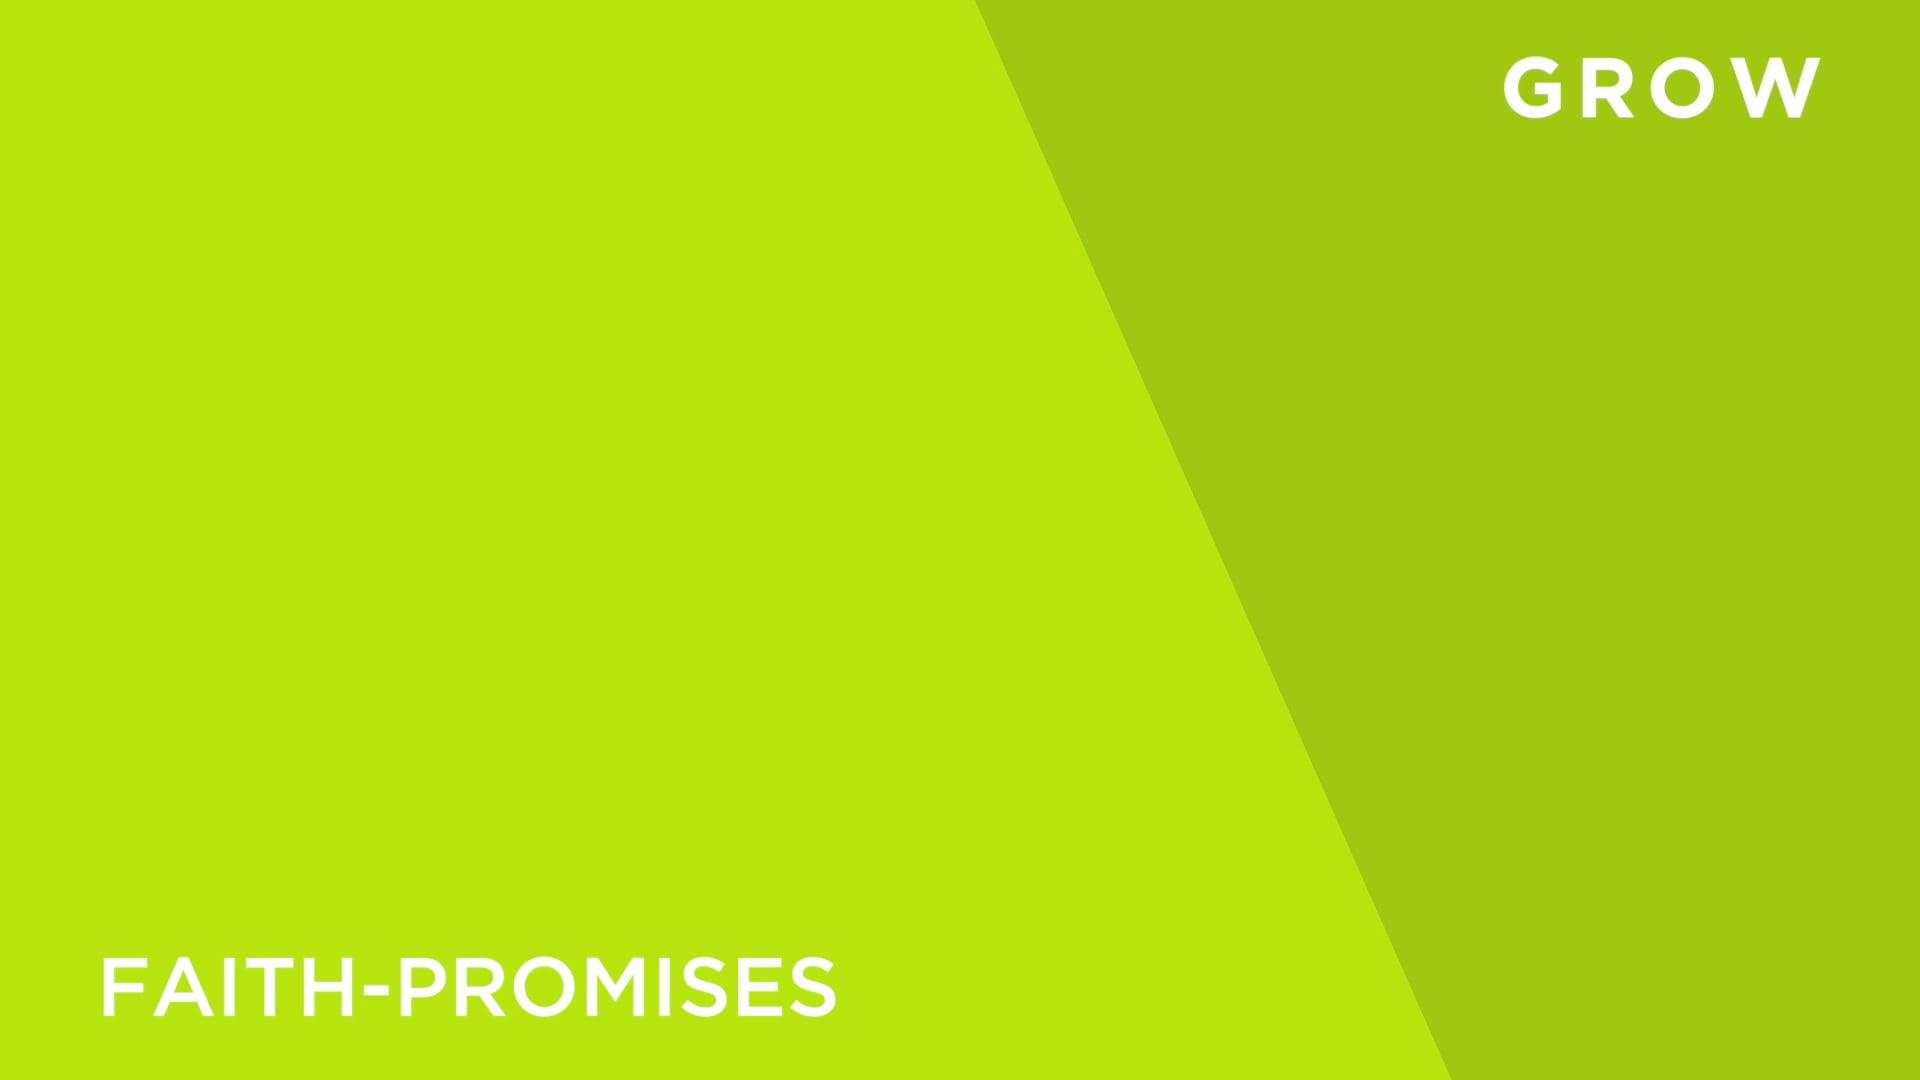 Faith [4] -Promises